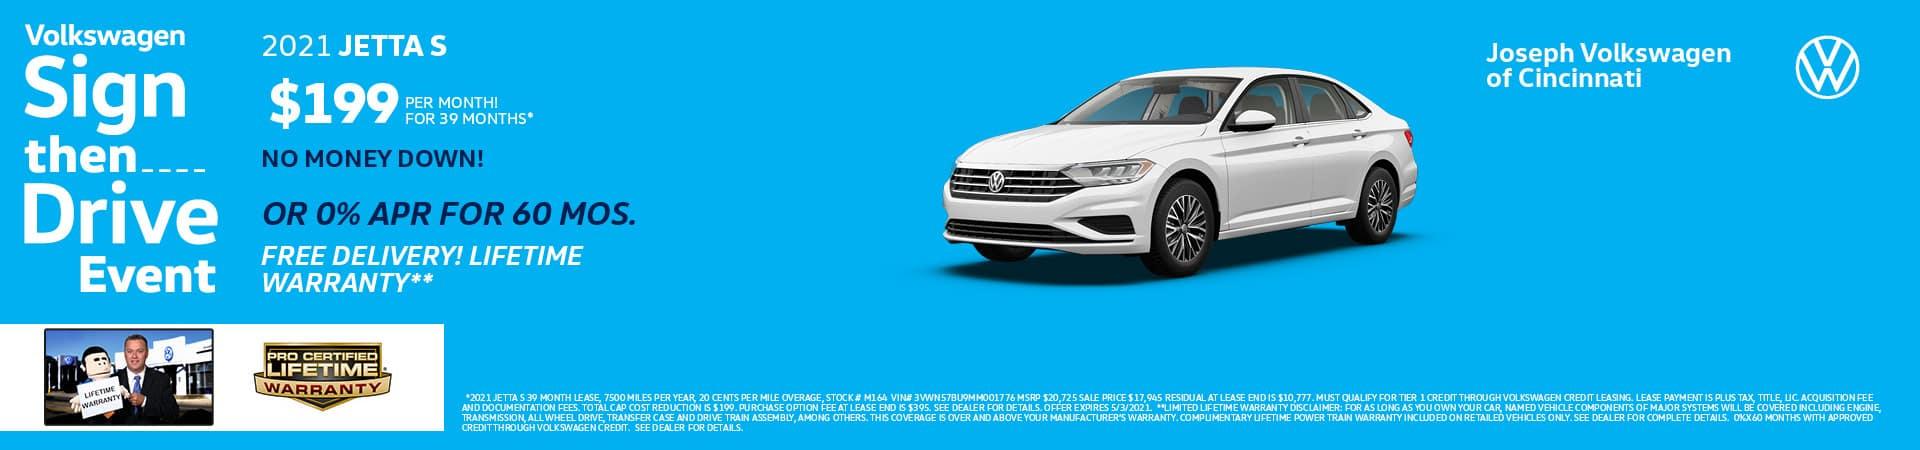 2021 Volkswagen Jetta | Joseph Volkswagen of Cincinnati | Cincinnati, OH